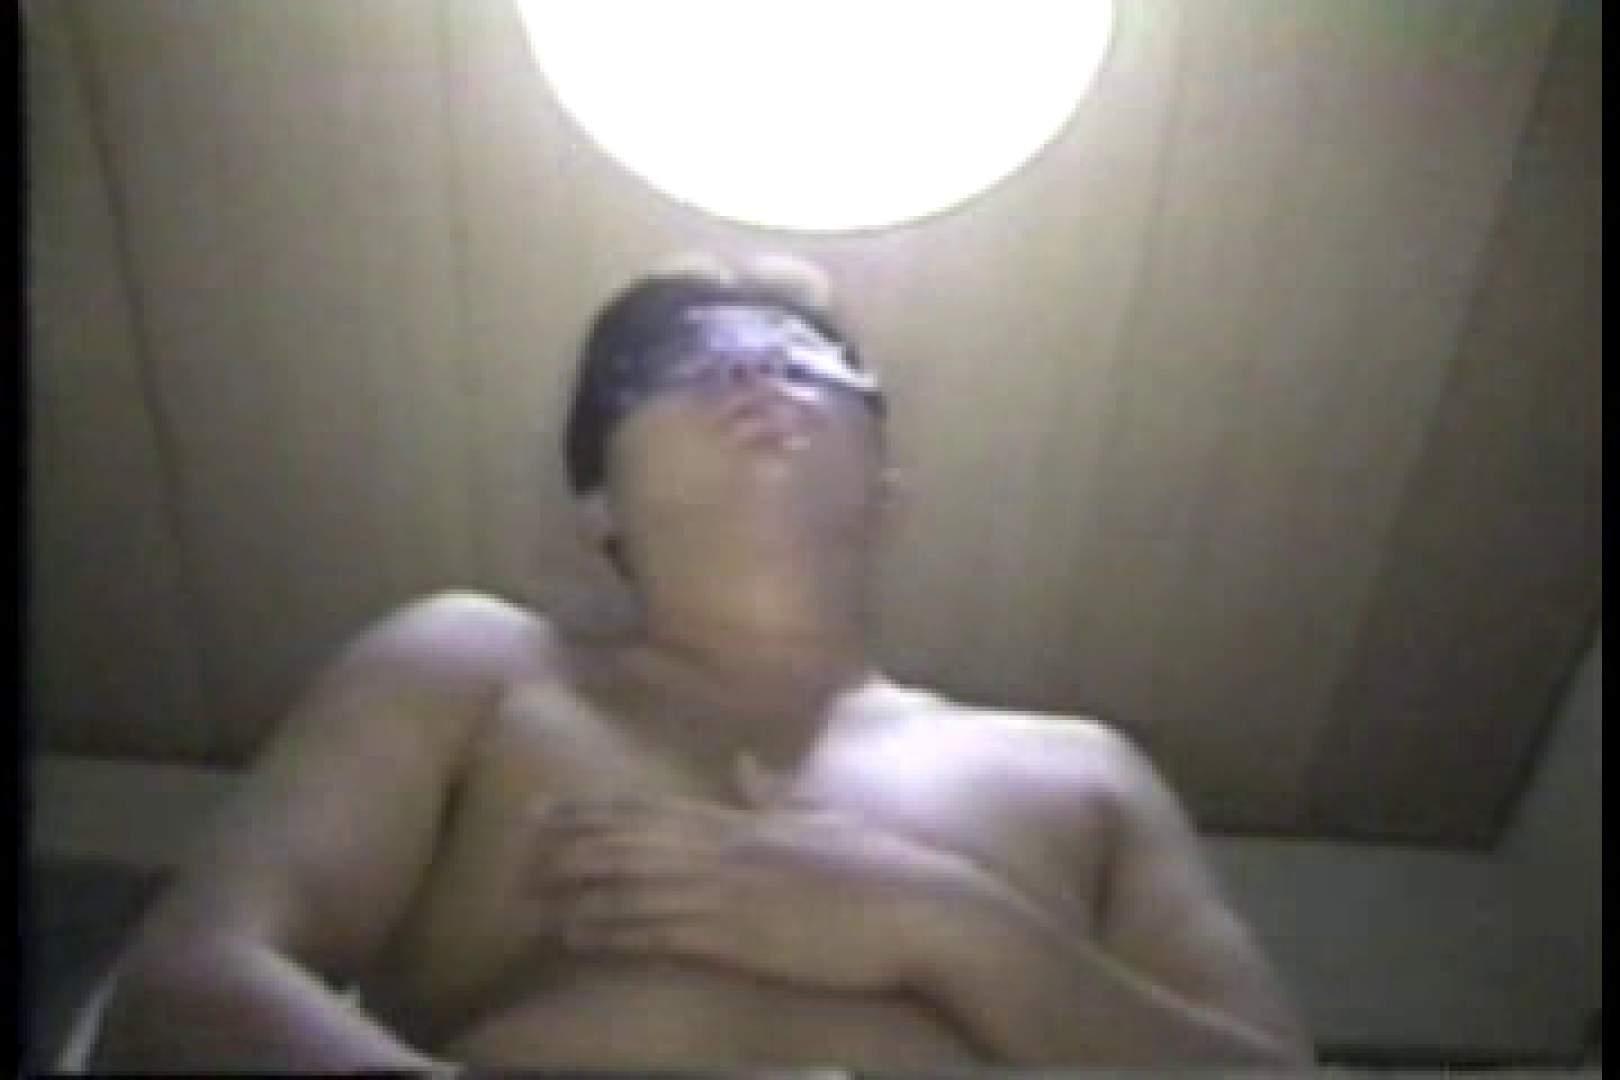 太った男じゃダメですか?07 おやじ熊系男子 ゲイ無修正動画画像 66枚 25